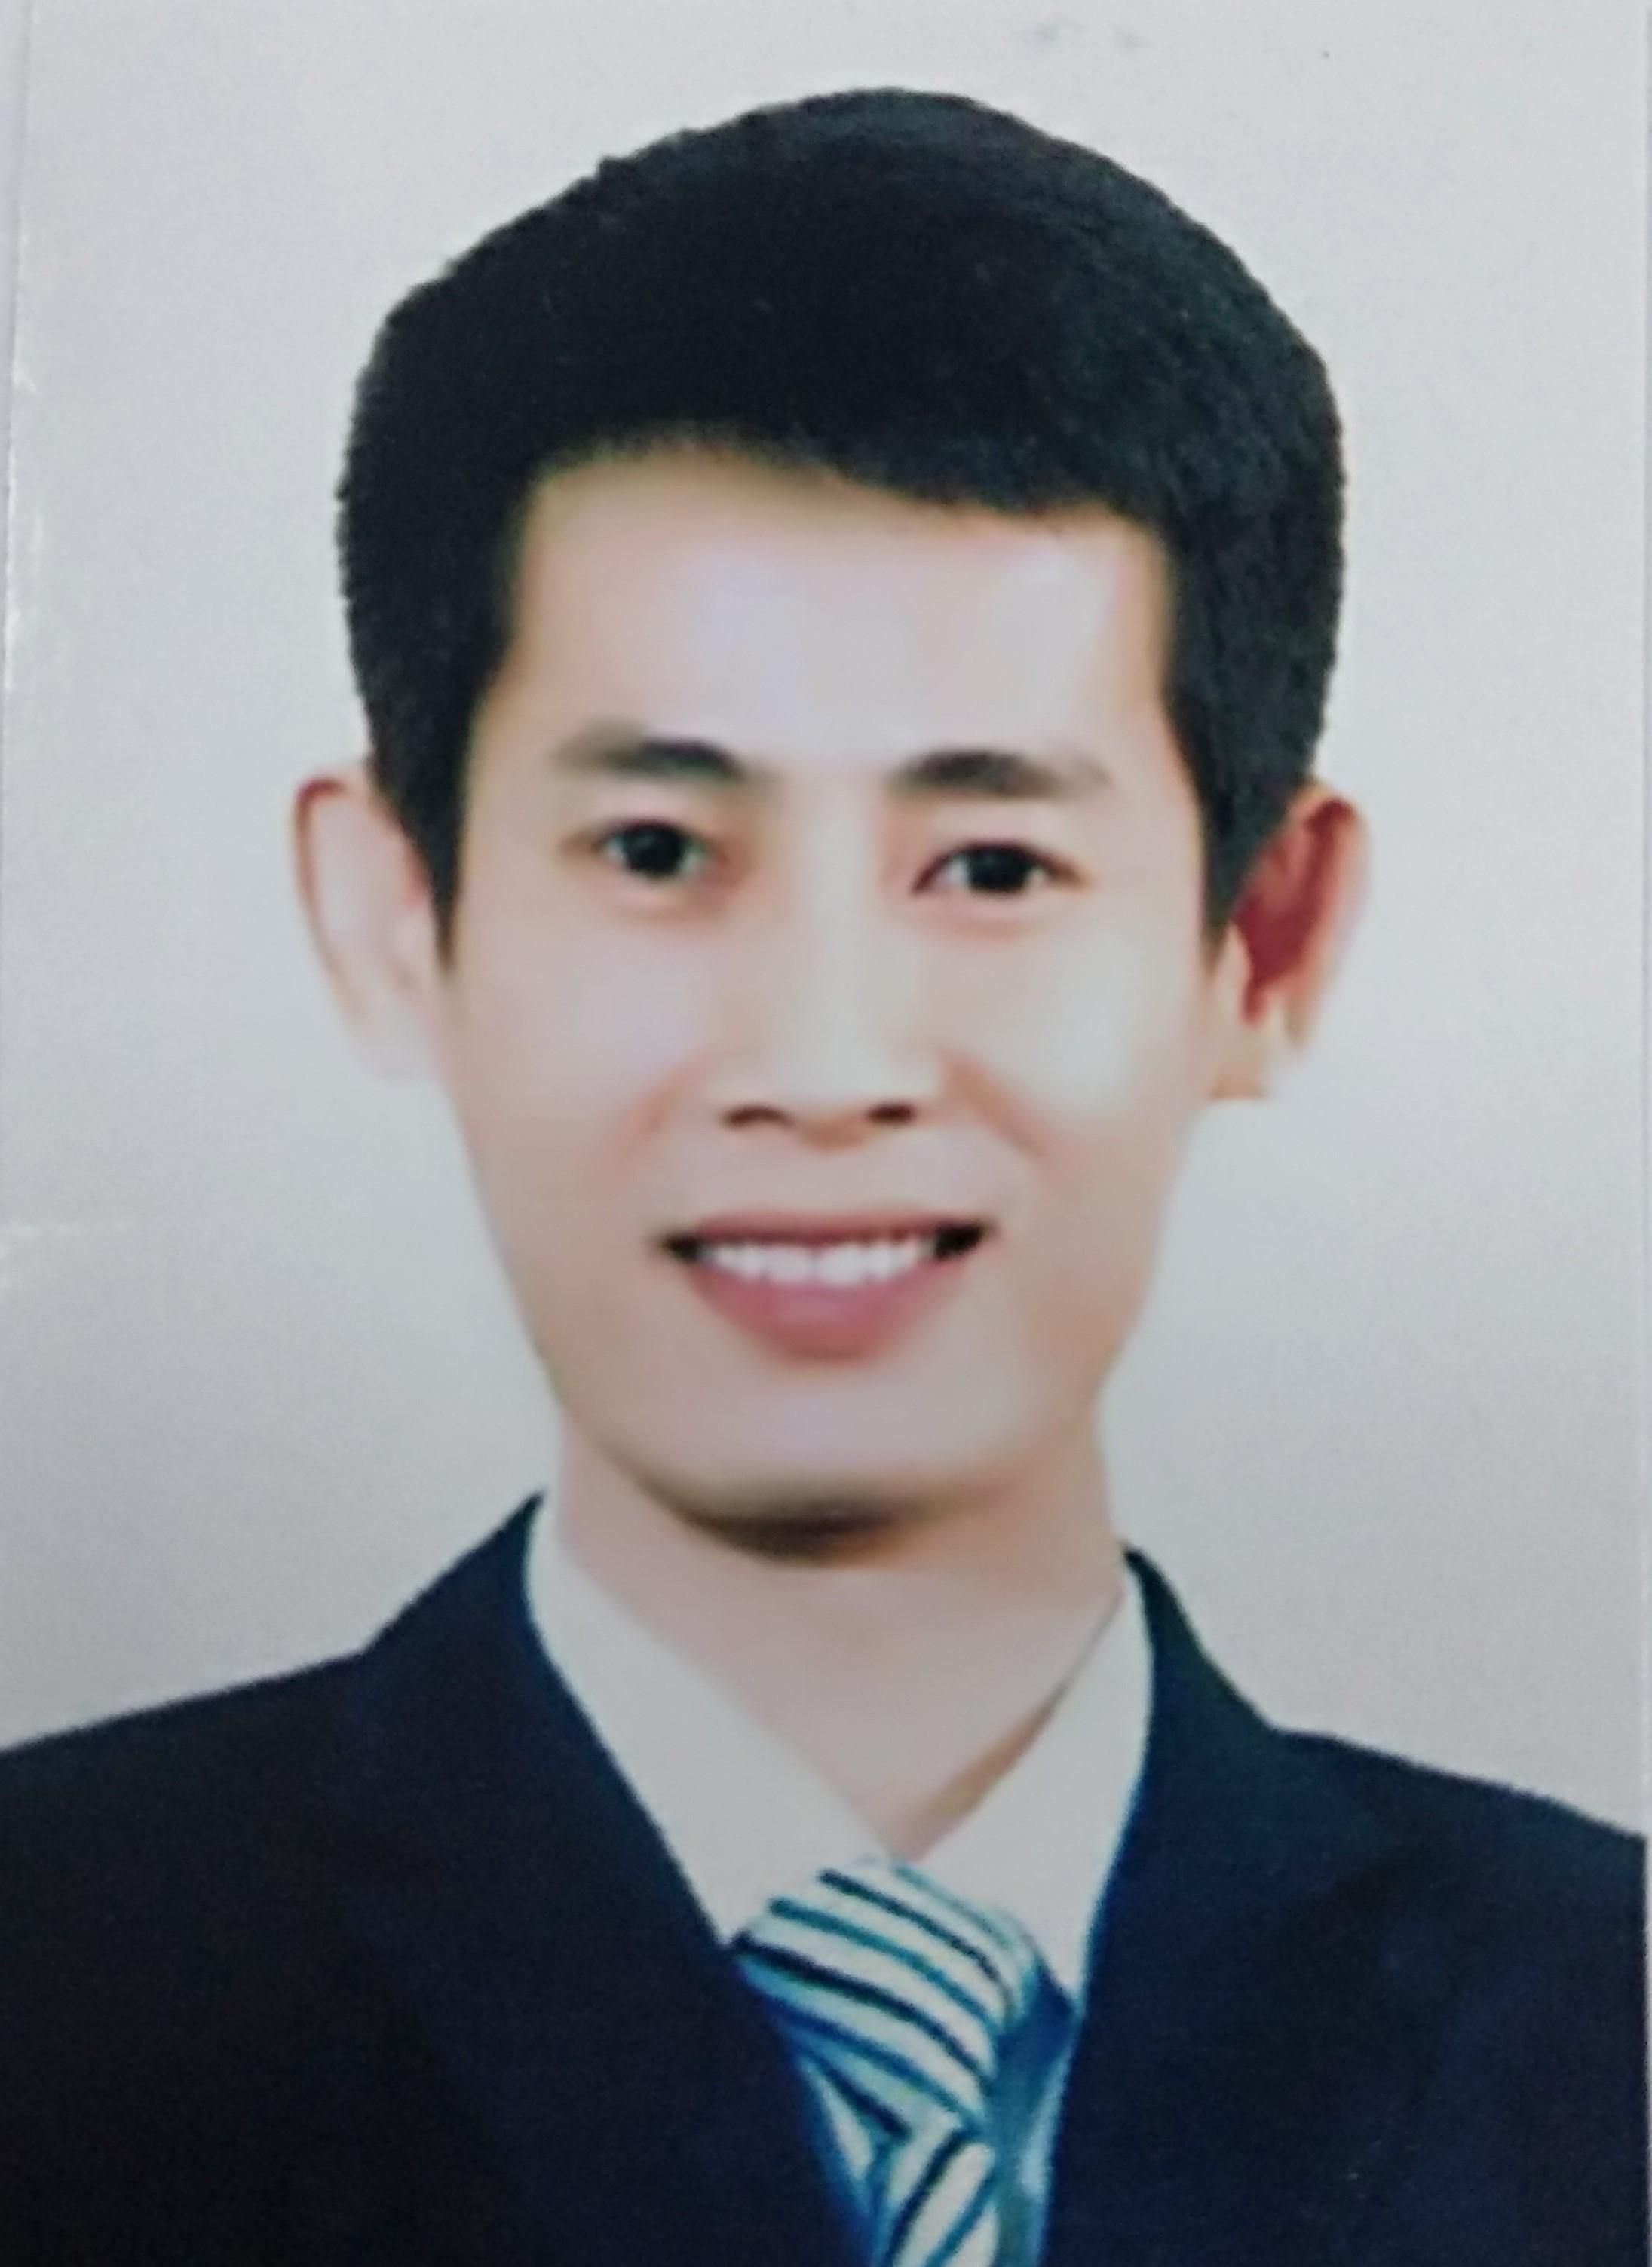 Ông Huỳnh Thanh Giang TV. HĐTV